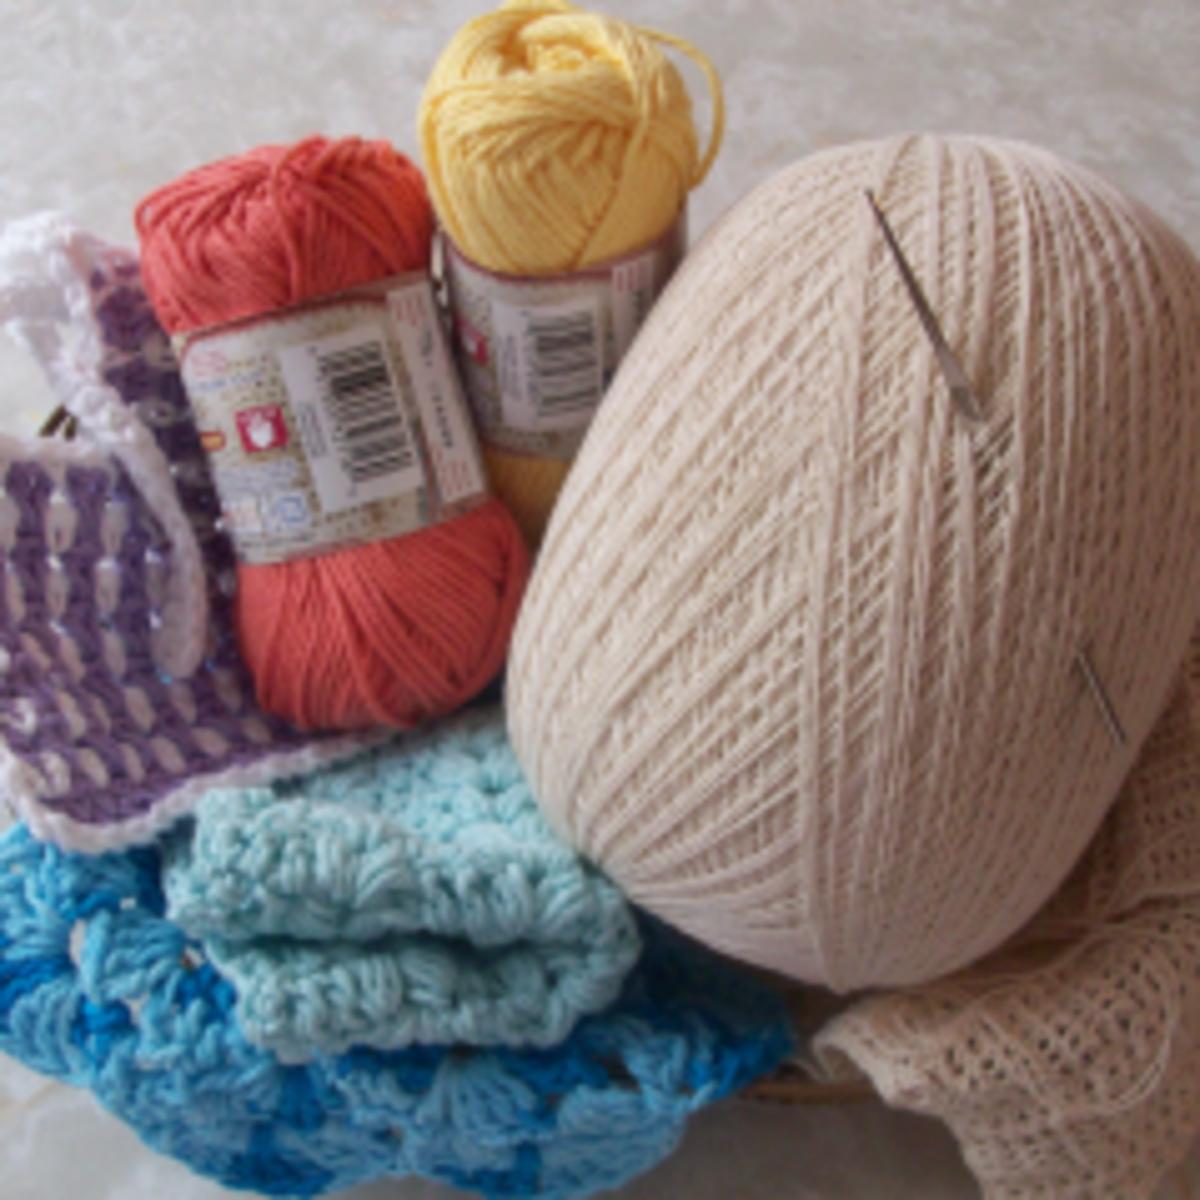 How to Start an Online Crochet Business